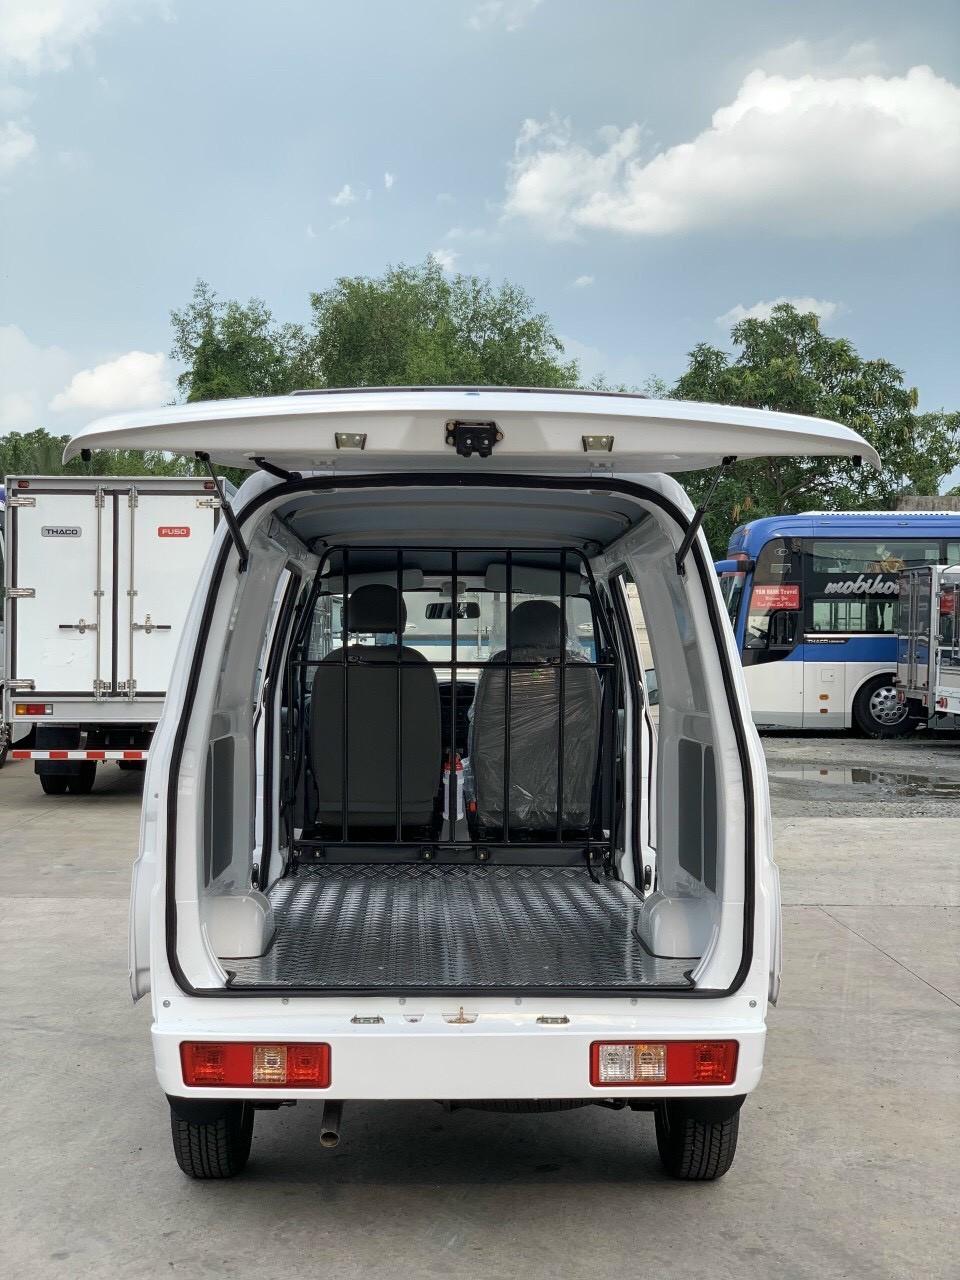 Xe tải VAN đi giờ cao điểm tặng 200l xăng